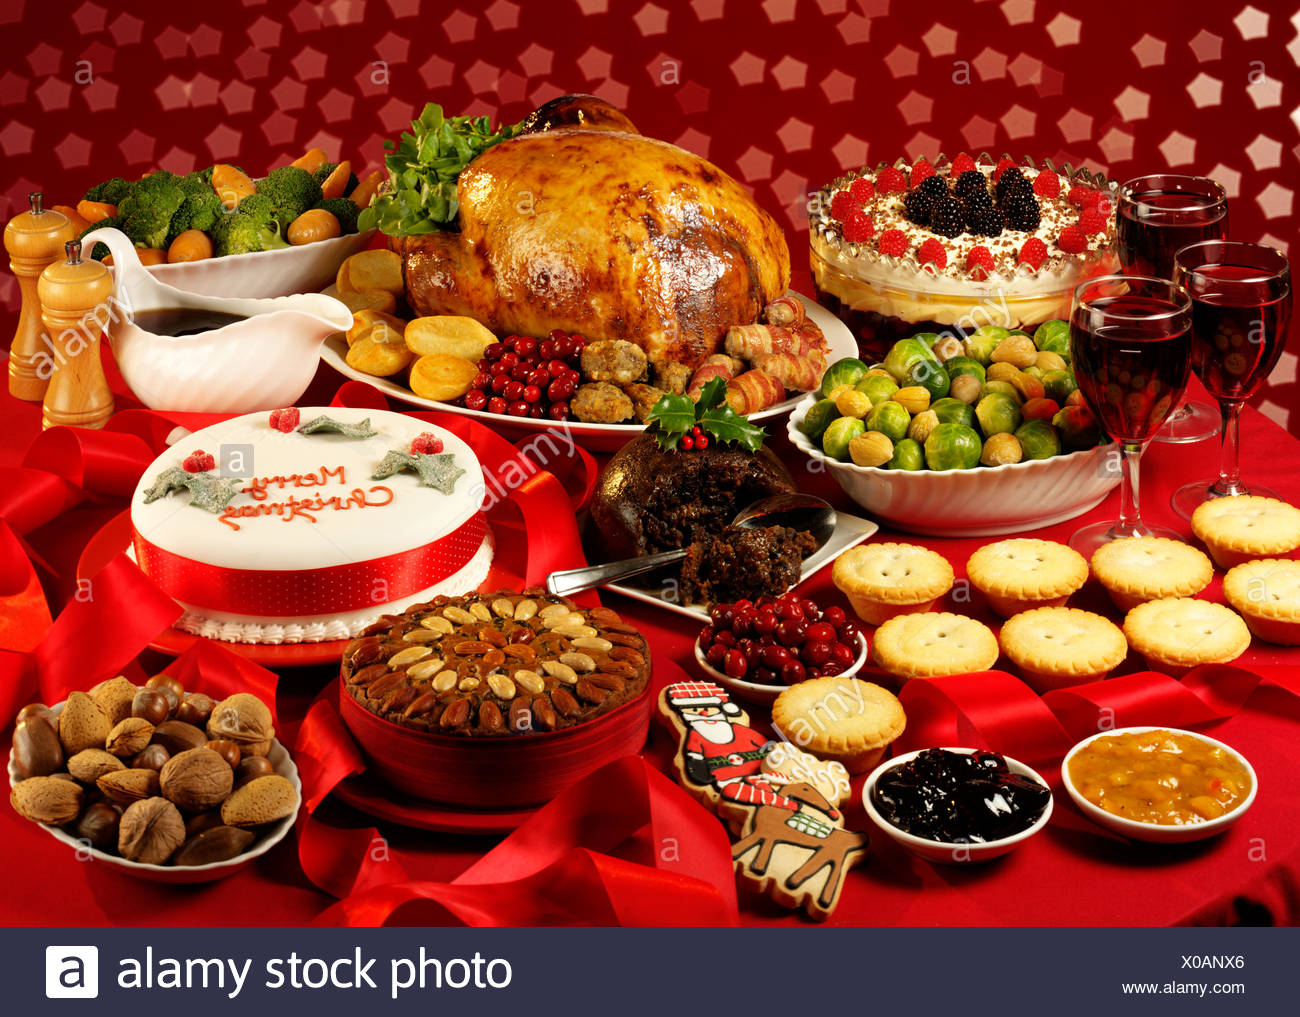 Christmas Turkey Pudding Stock Photos & Christmas Turkey ...